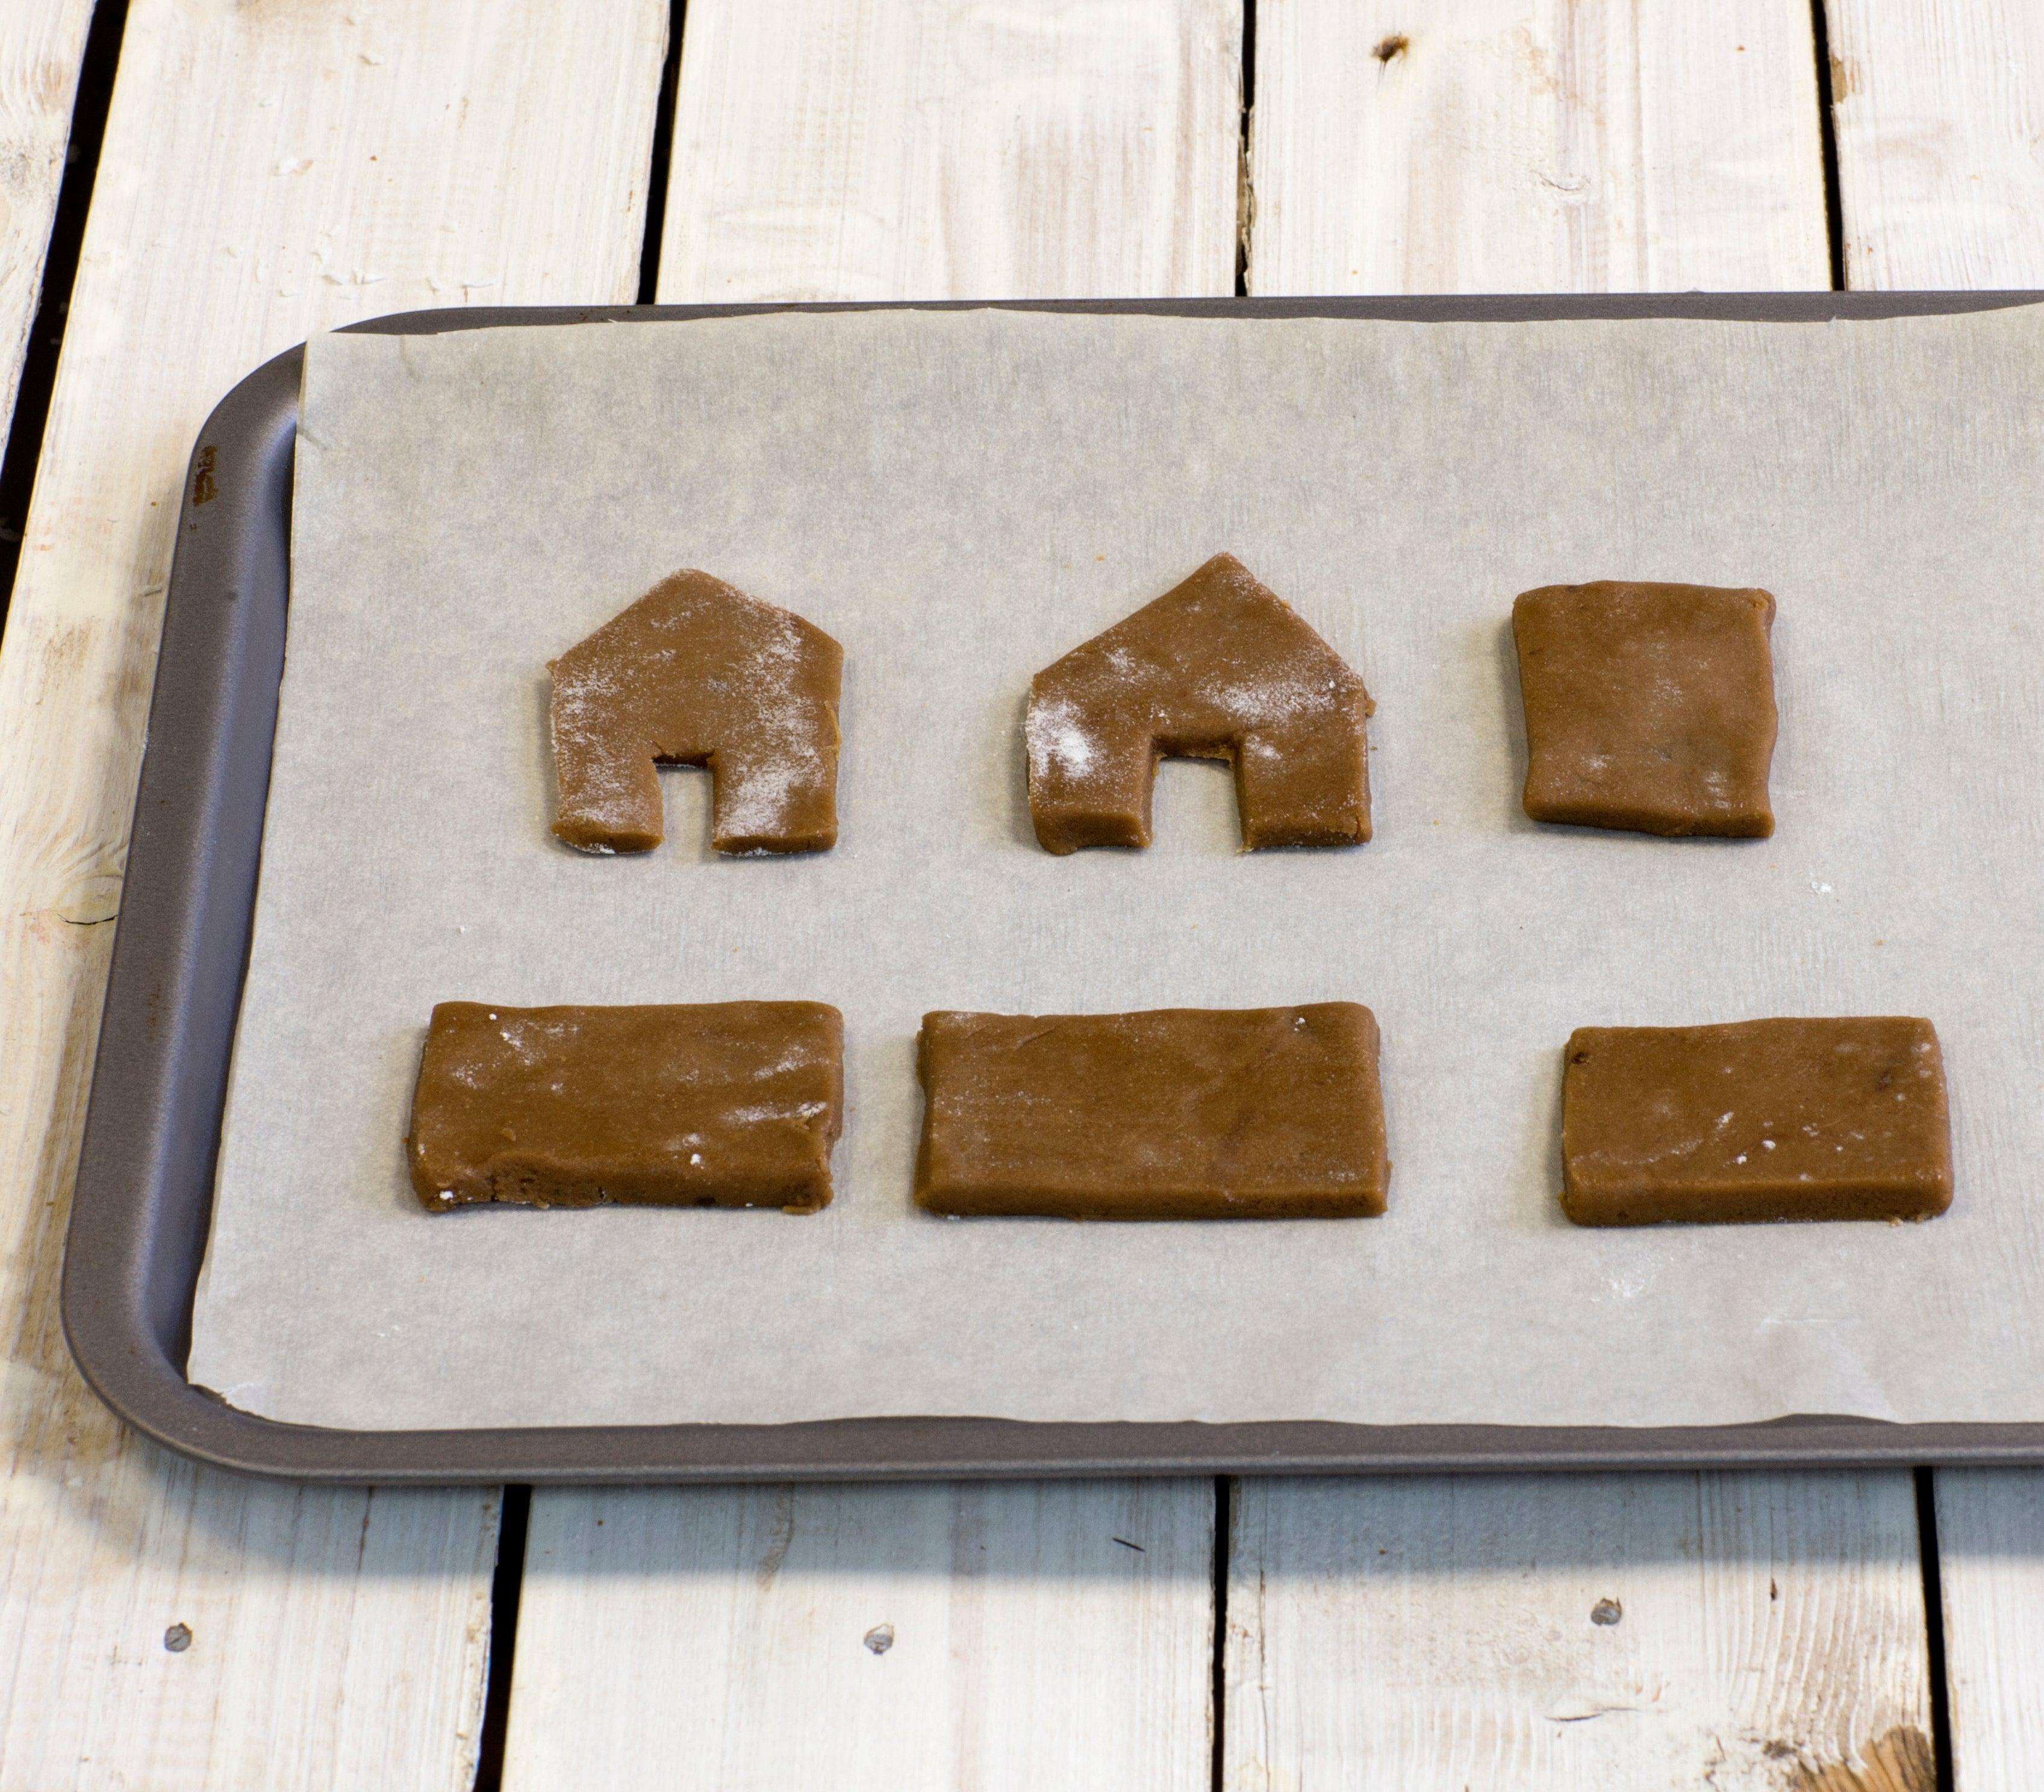 Mini-gingerbread-house-step-3.jpg